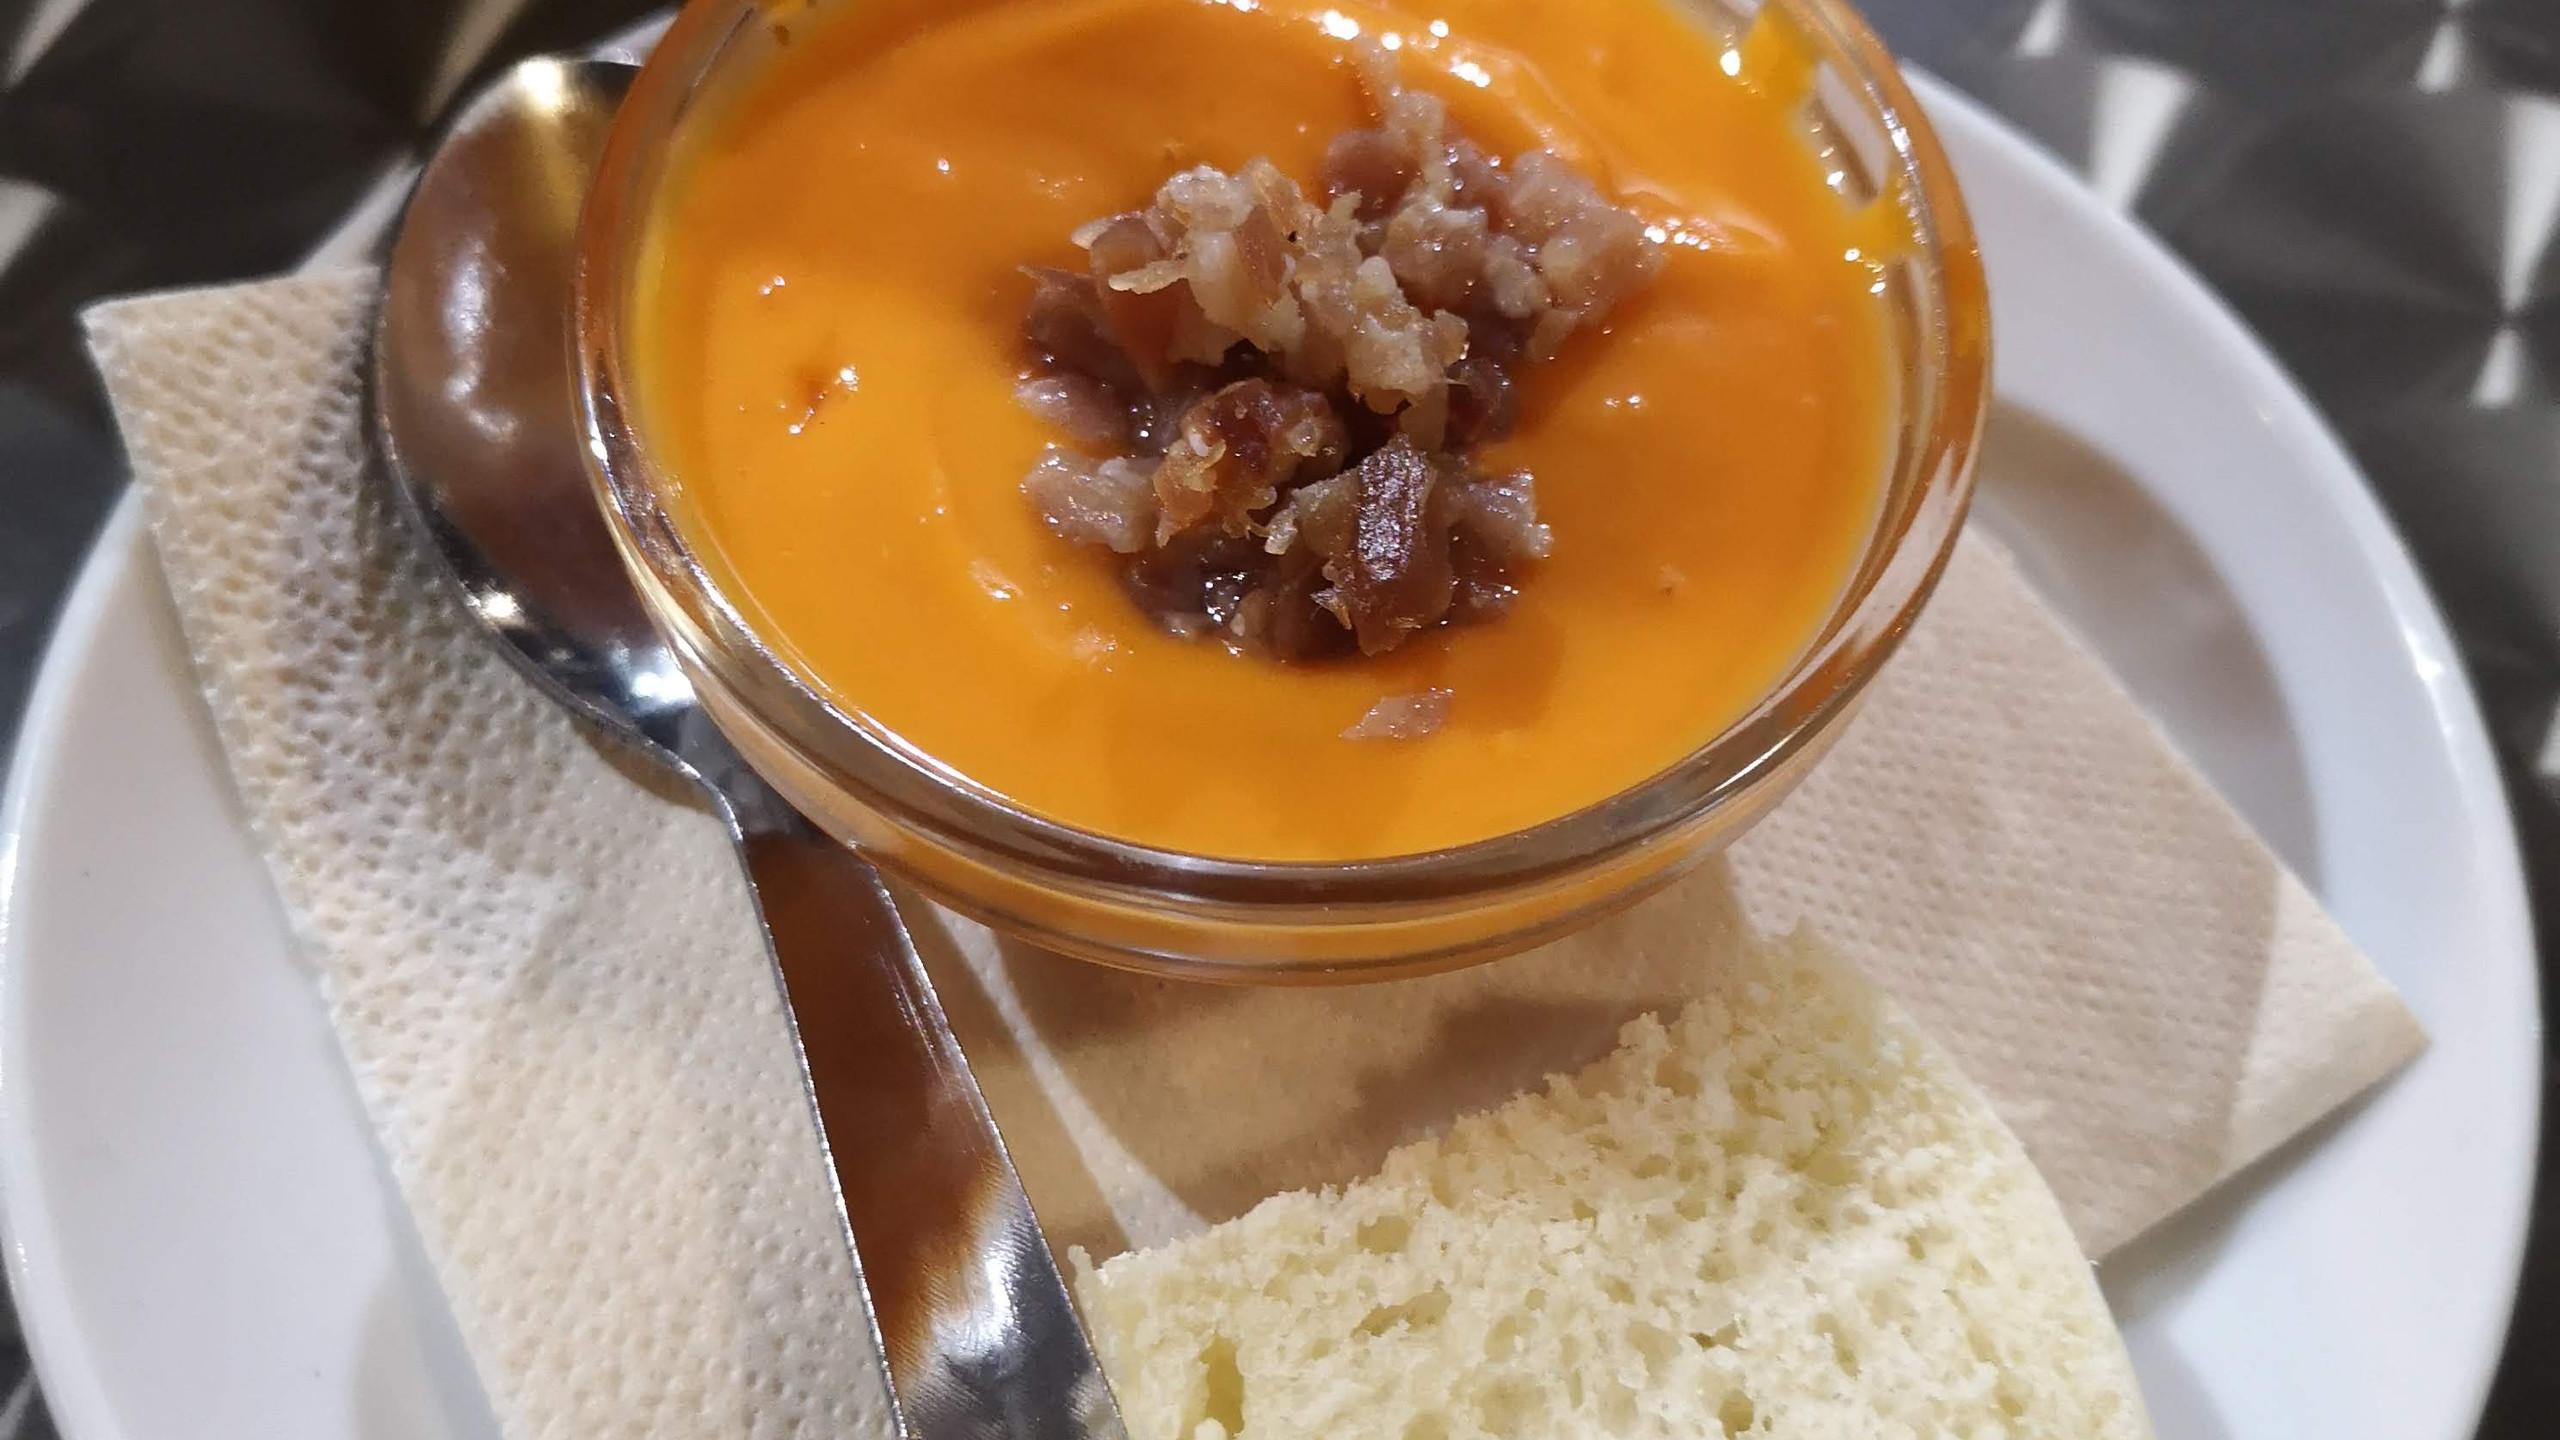 É uma sopa fria tradicional de Córdoba. Feita de pão, tomate, cebola, pepino e temperos.